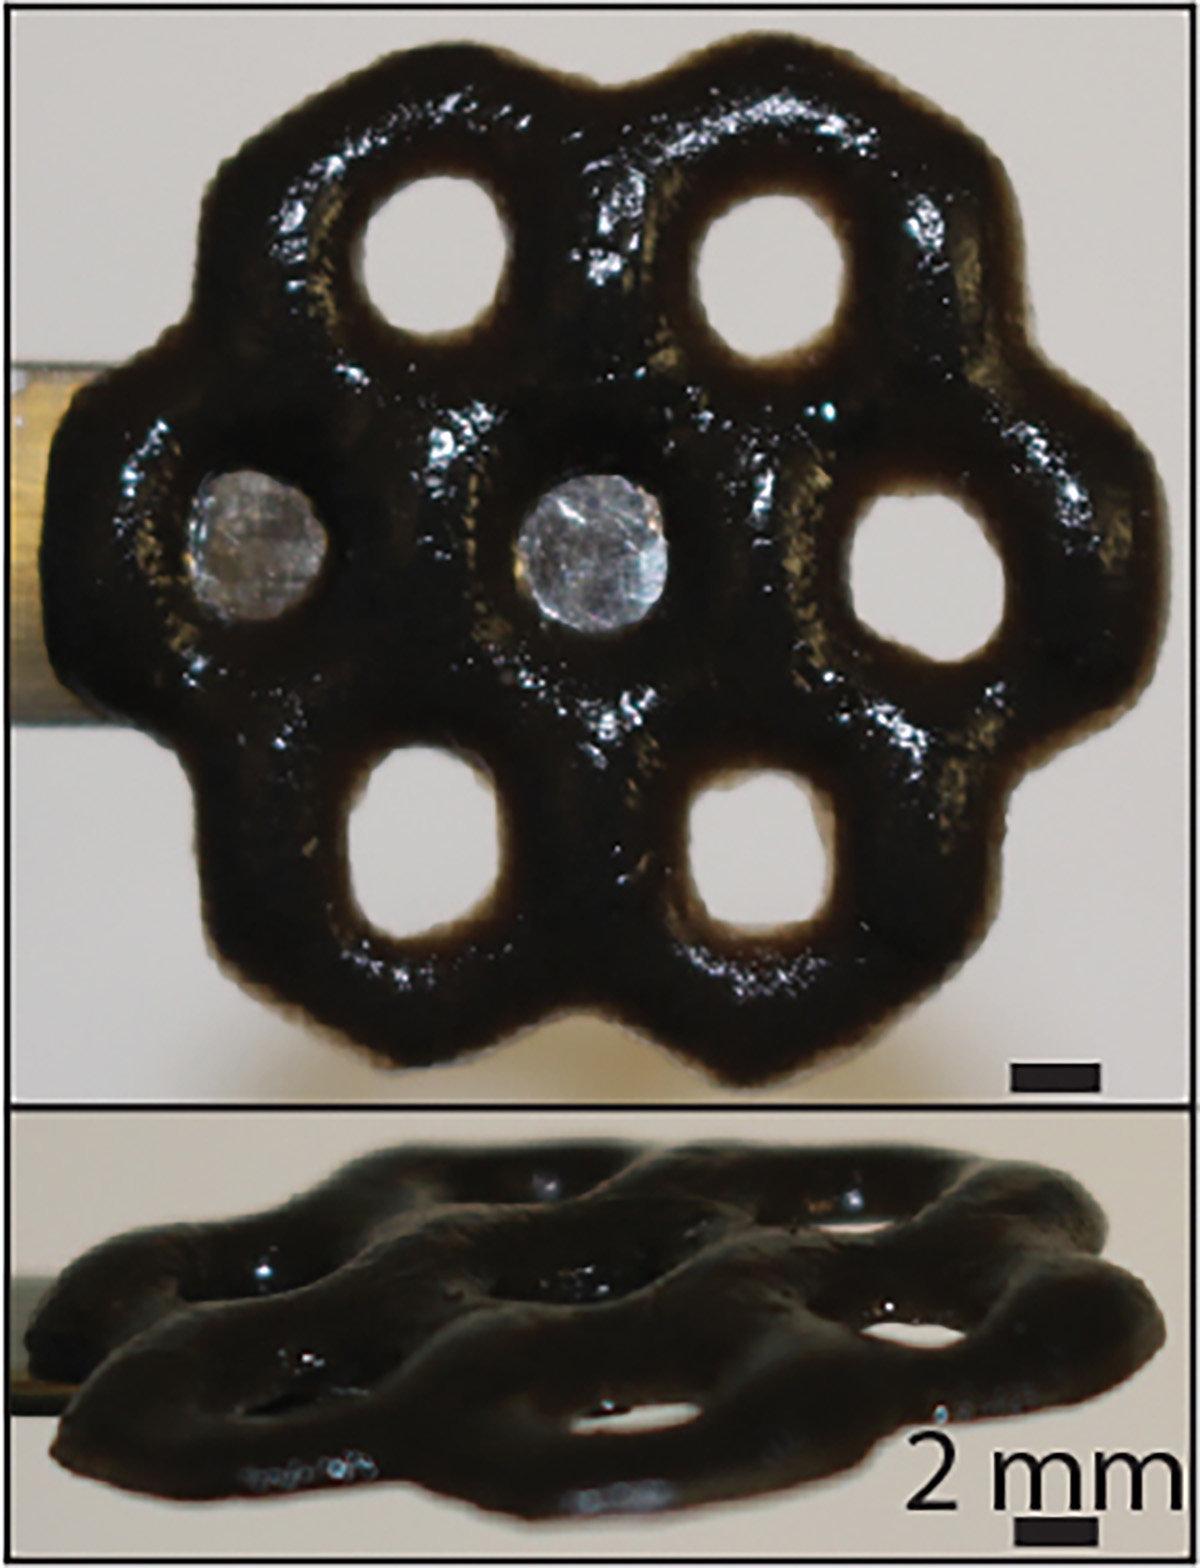 Investigadores de la Universidad de Brown han creado un material híbrido a partir de alginato derivado de algas y el nanomaterial óxido de grafeno. El material es extremadamente repelente al aceite, lo que se puede utilizar como un revestimiento antiincrustante duradero. Crédito: Wong Lab / Brown University Read more at: https://phys.org/news/2018-11-smart-material-potential-biomedical-environmental.html#jCp